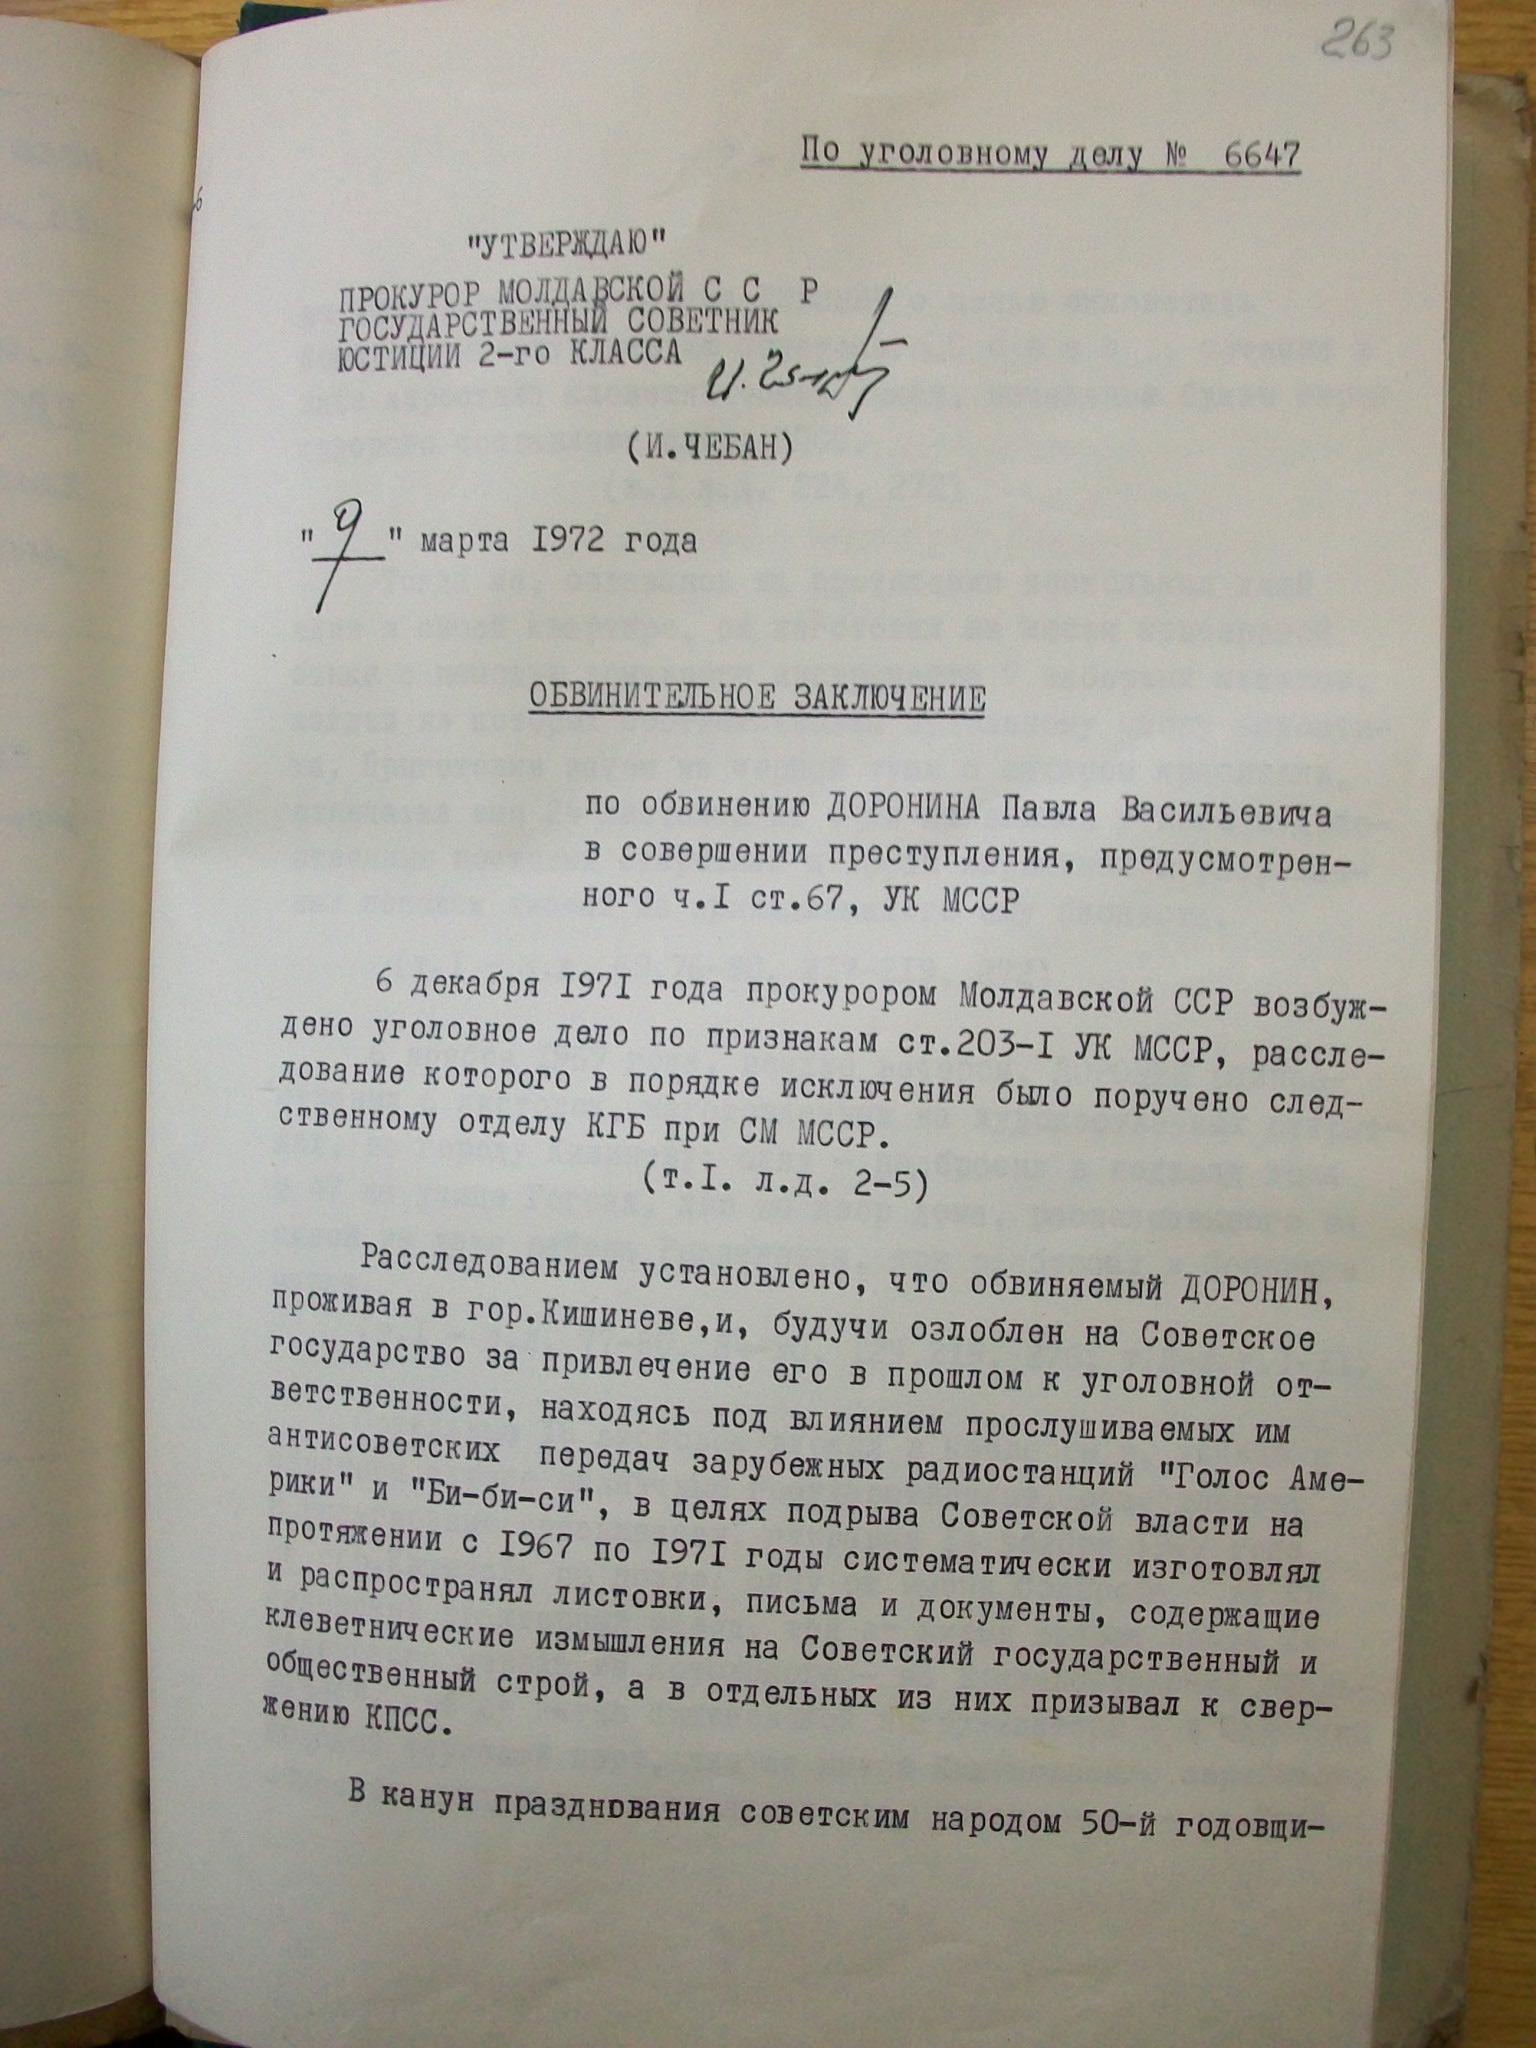 Prima pagină a actului oficial de acuzare referitor la cazul lui Pavel Doronin